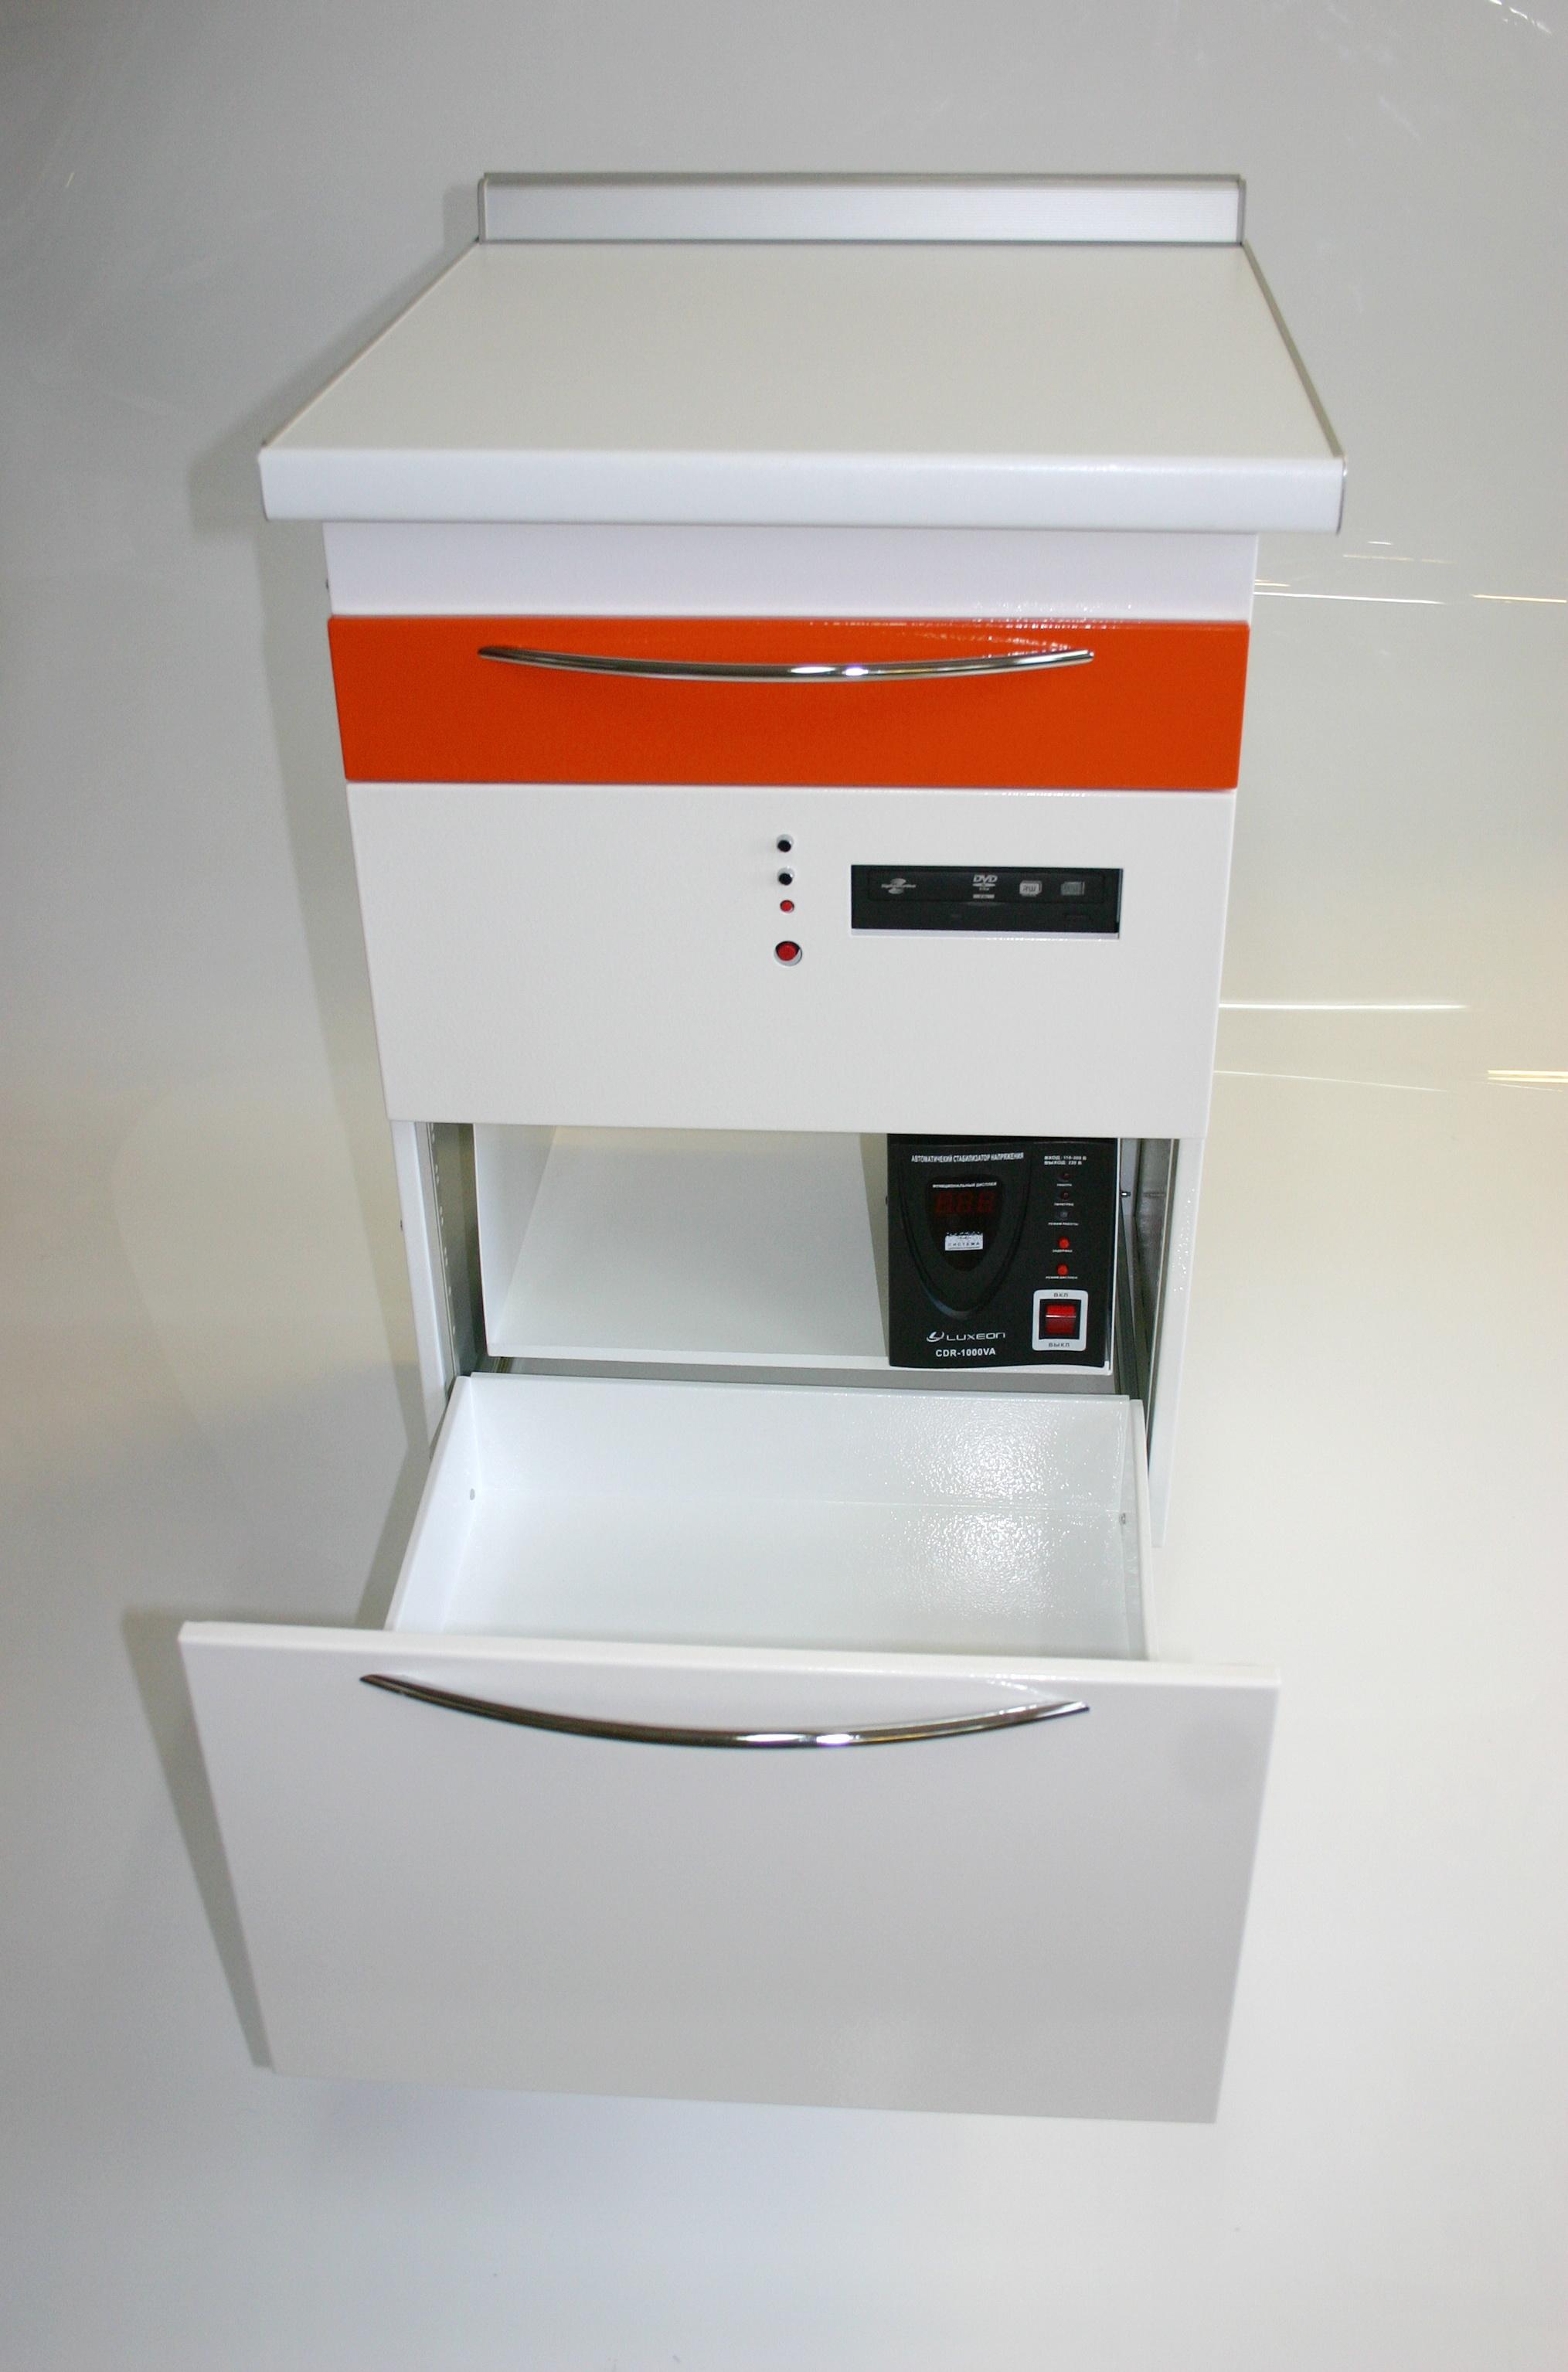 При открытии нижнего ящика, открывается доступ к кнопкам управления бесперебойника